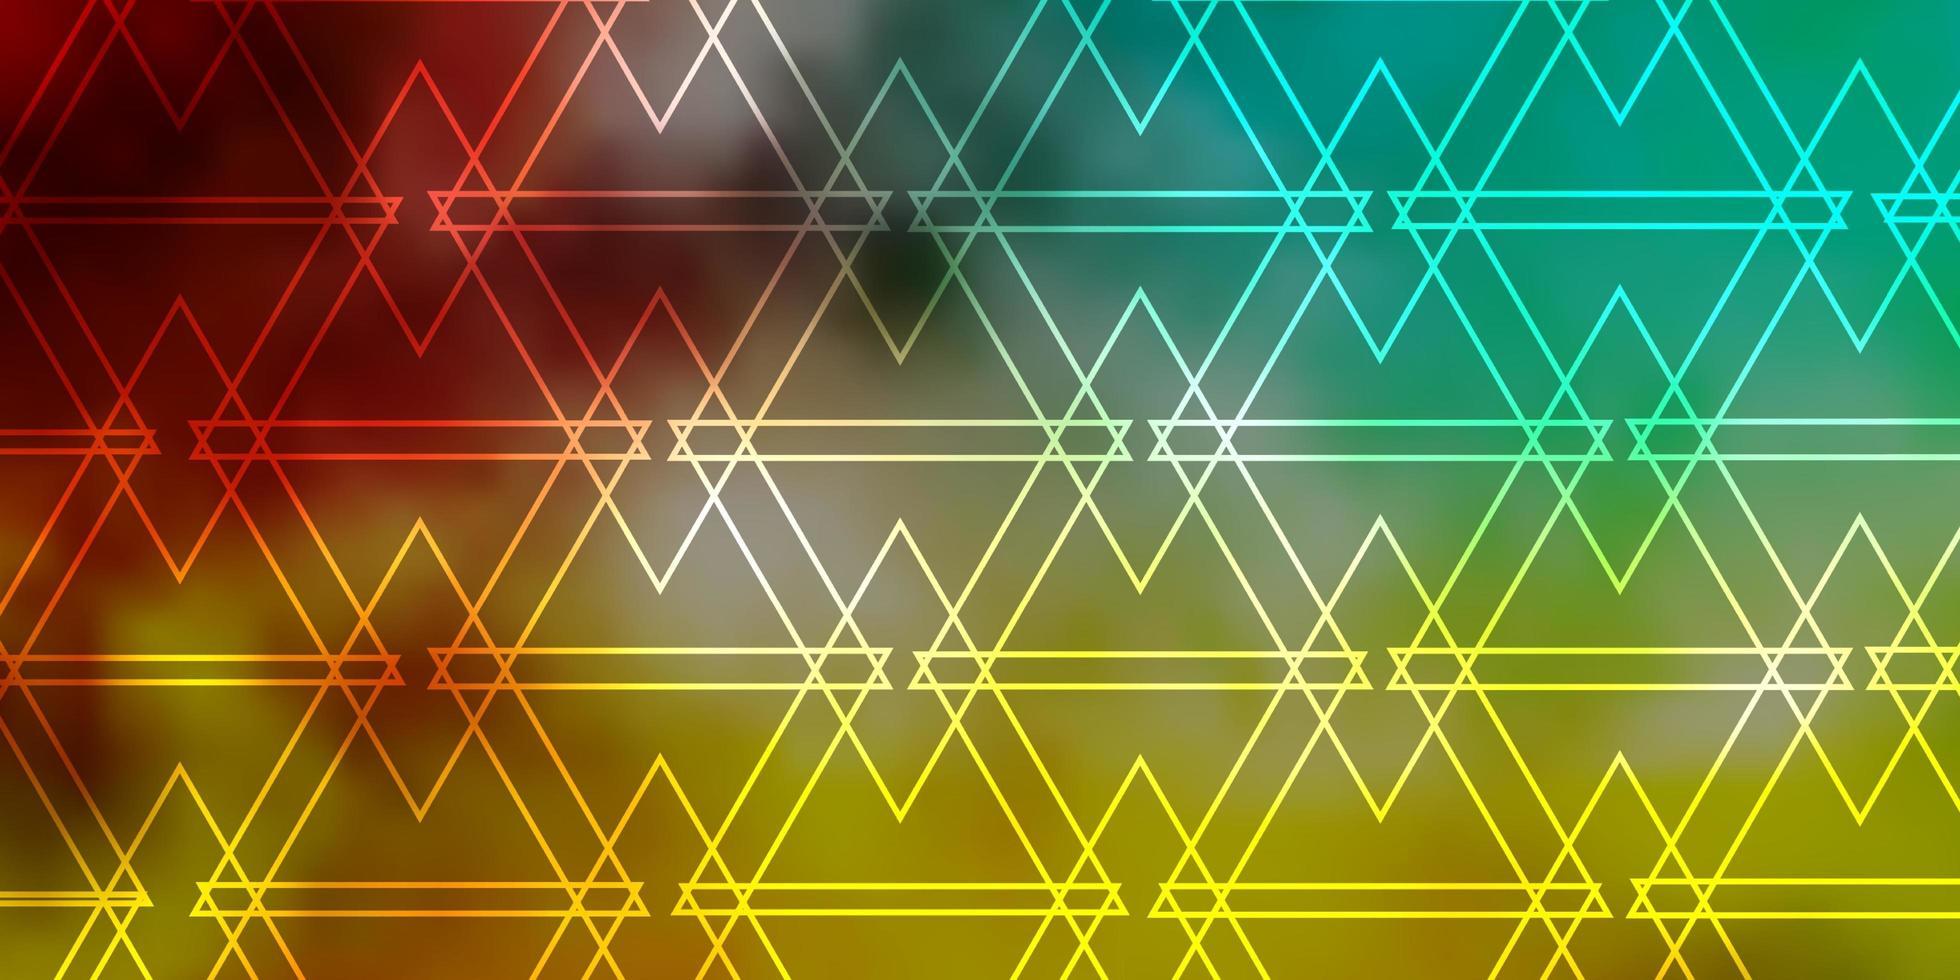 sfondo vettoriale multicolore chiaro con linee, triangoli.